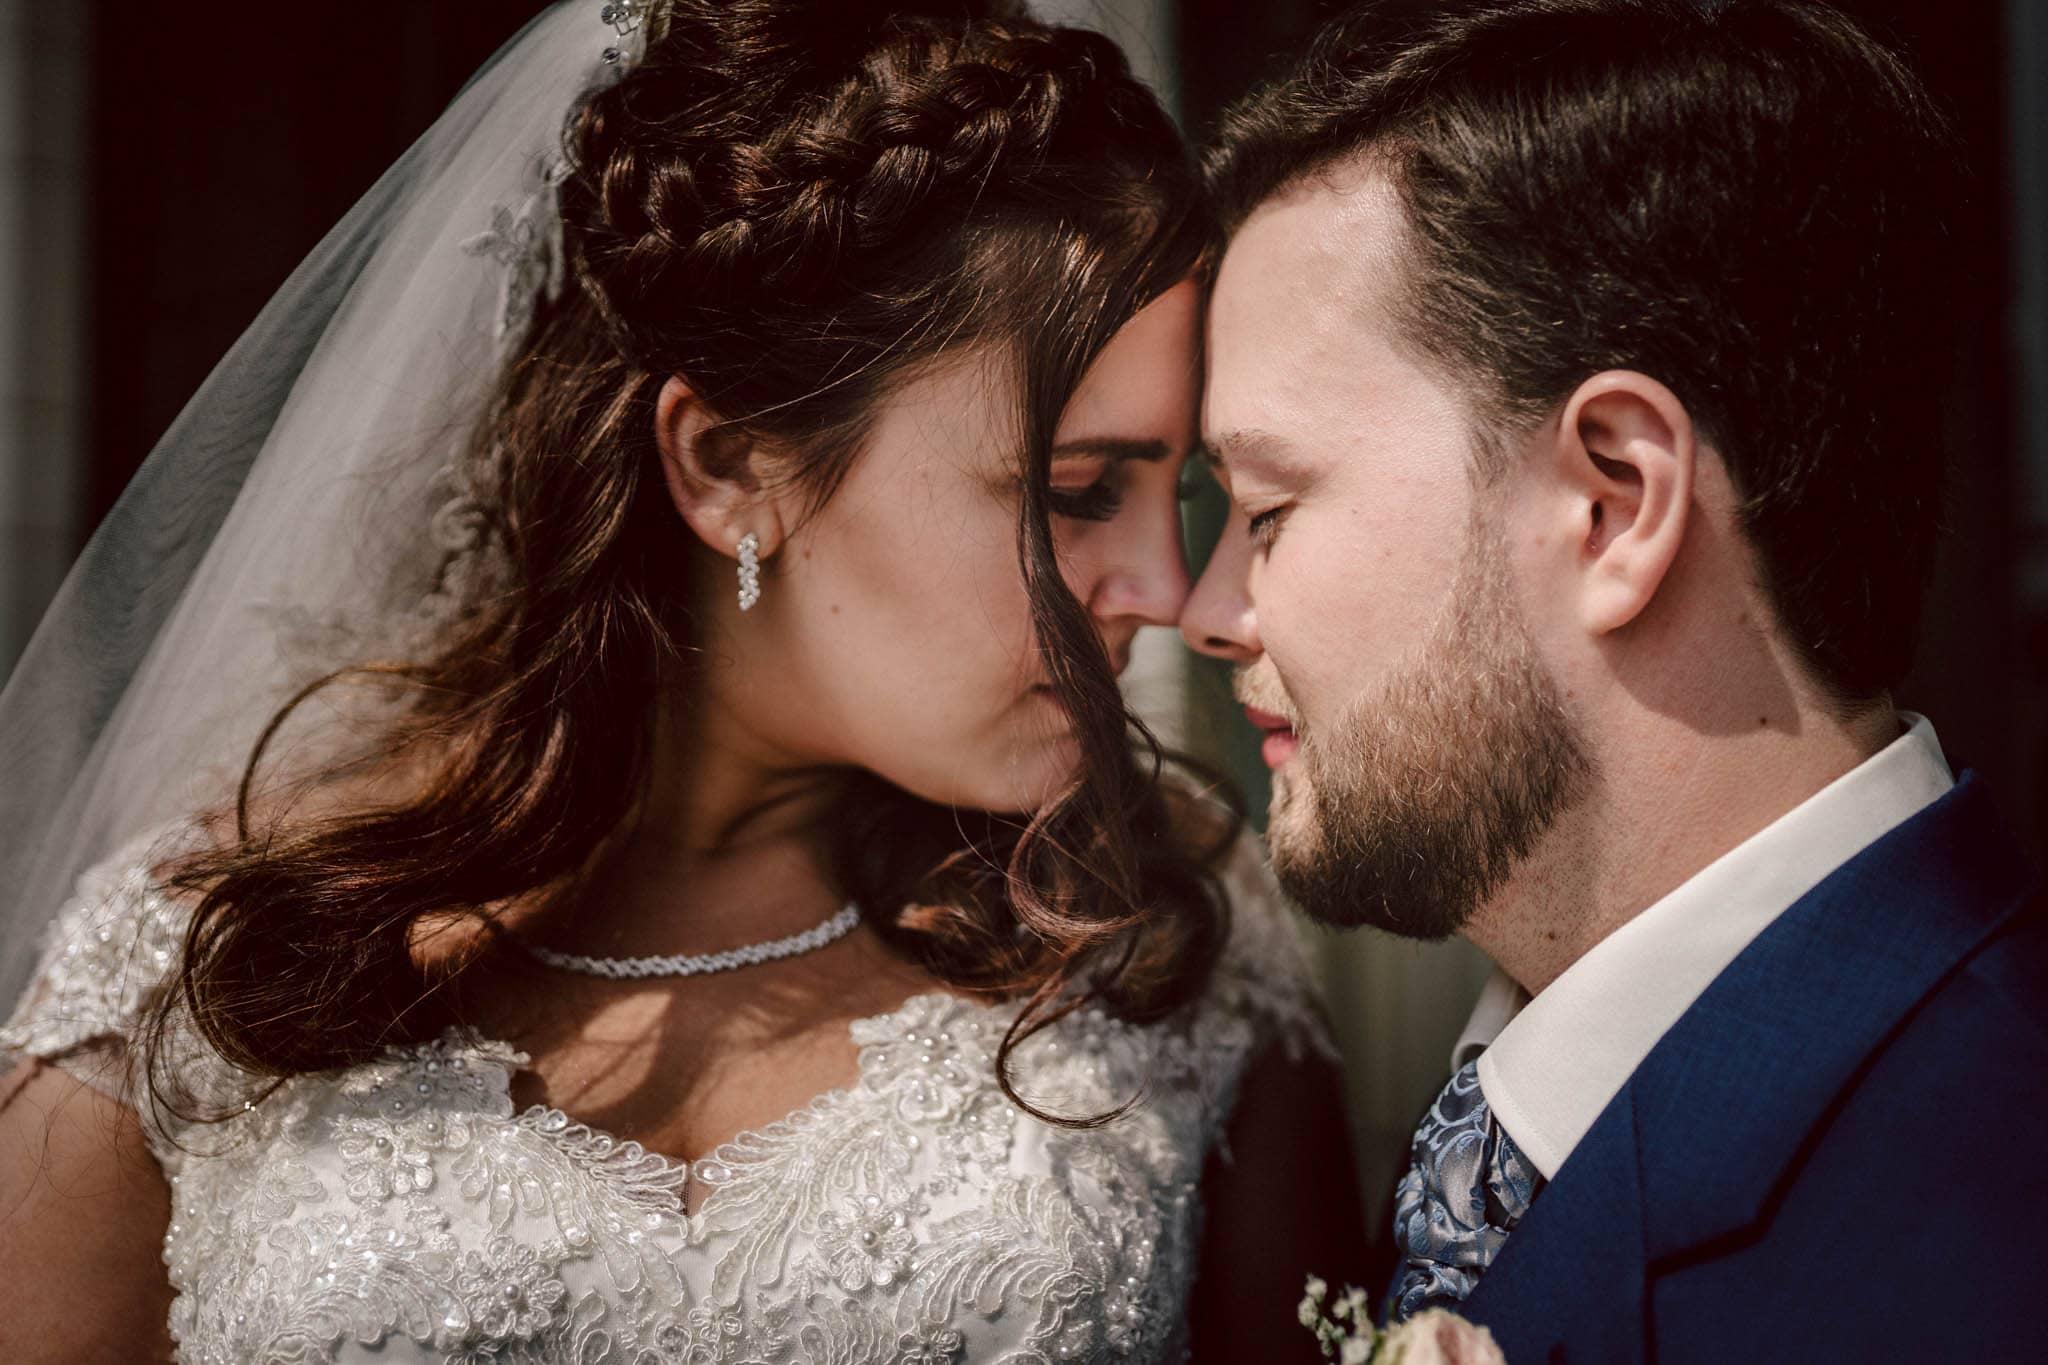 Hochzeitsfieber by Photo-Schomburg, Hochzeitsfotograf, Hamburg, Altona, wedding, Standesamt Altona, Appen, Hochzeitsshooting, Hochzeitstag, Brautpaar-87